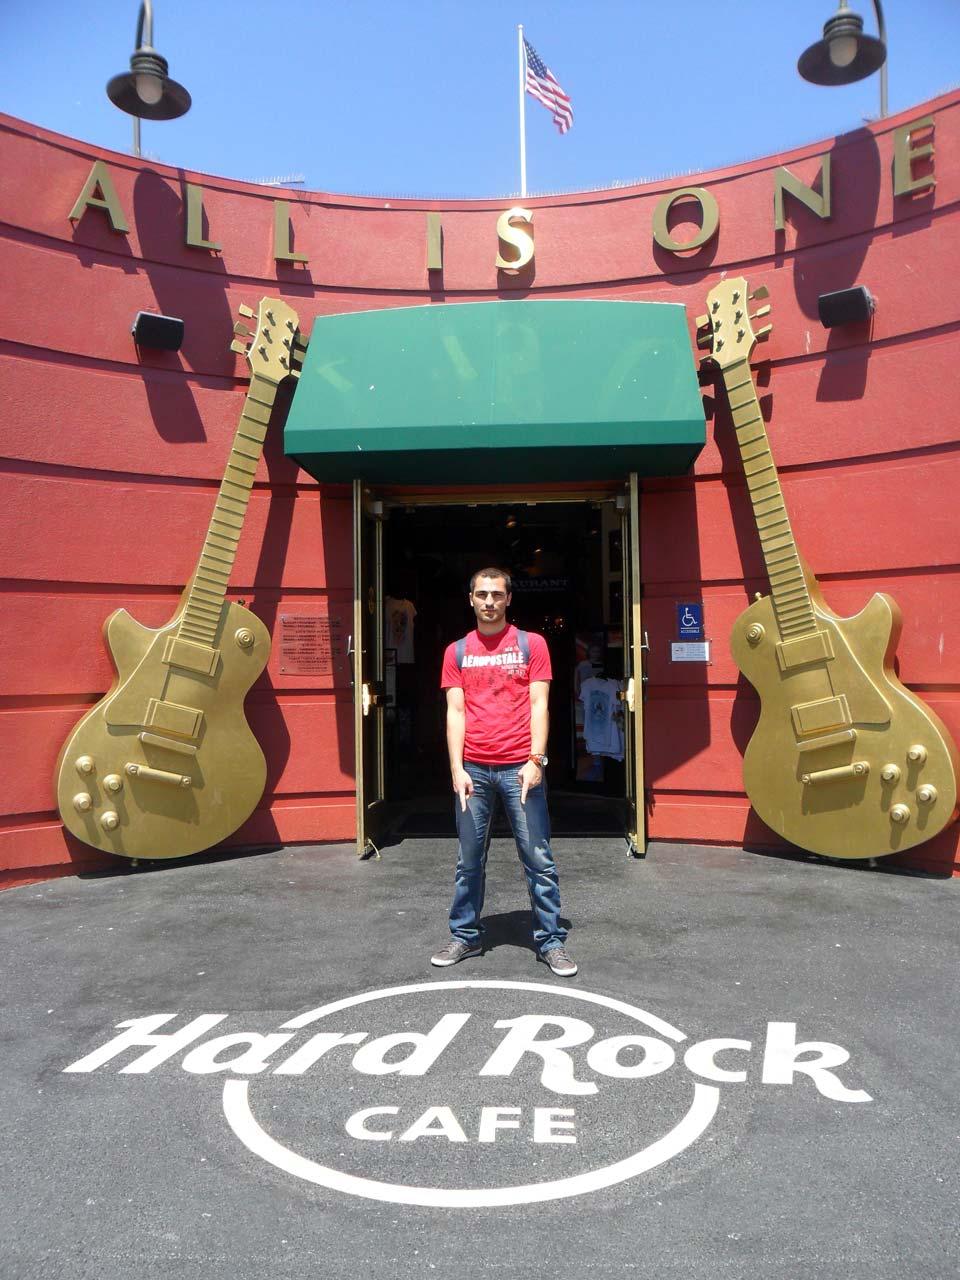 Yine bir Hard Rock Cafe 🙂